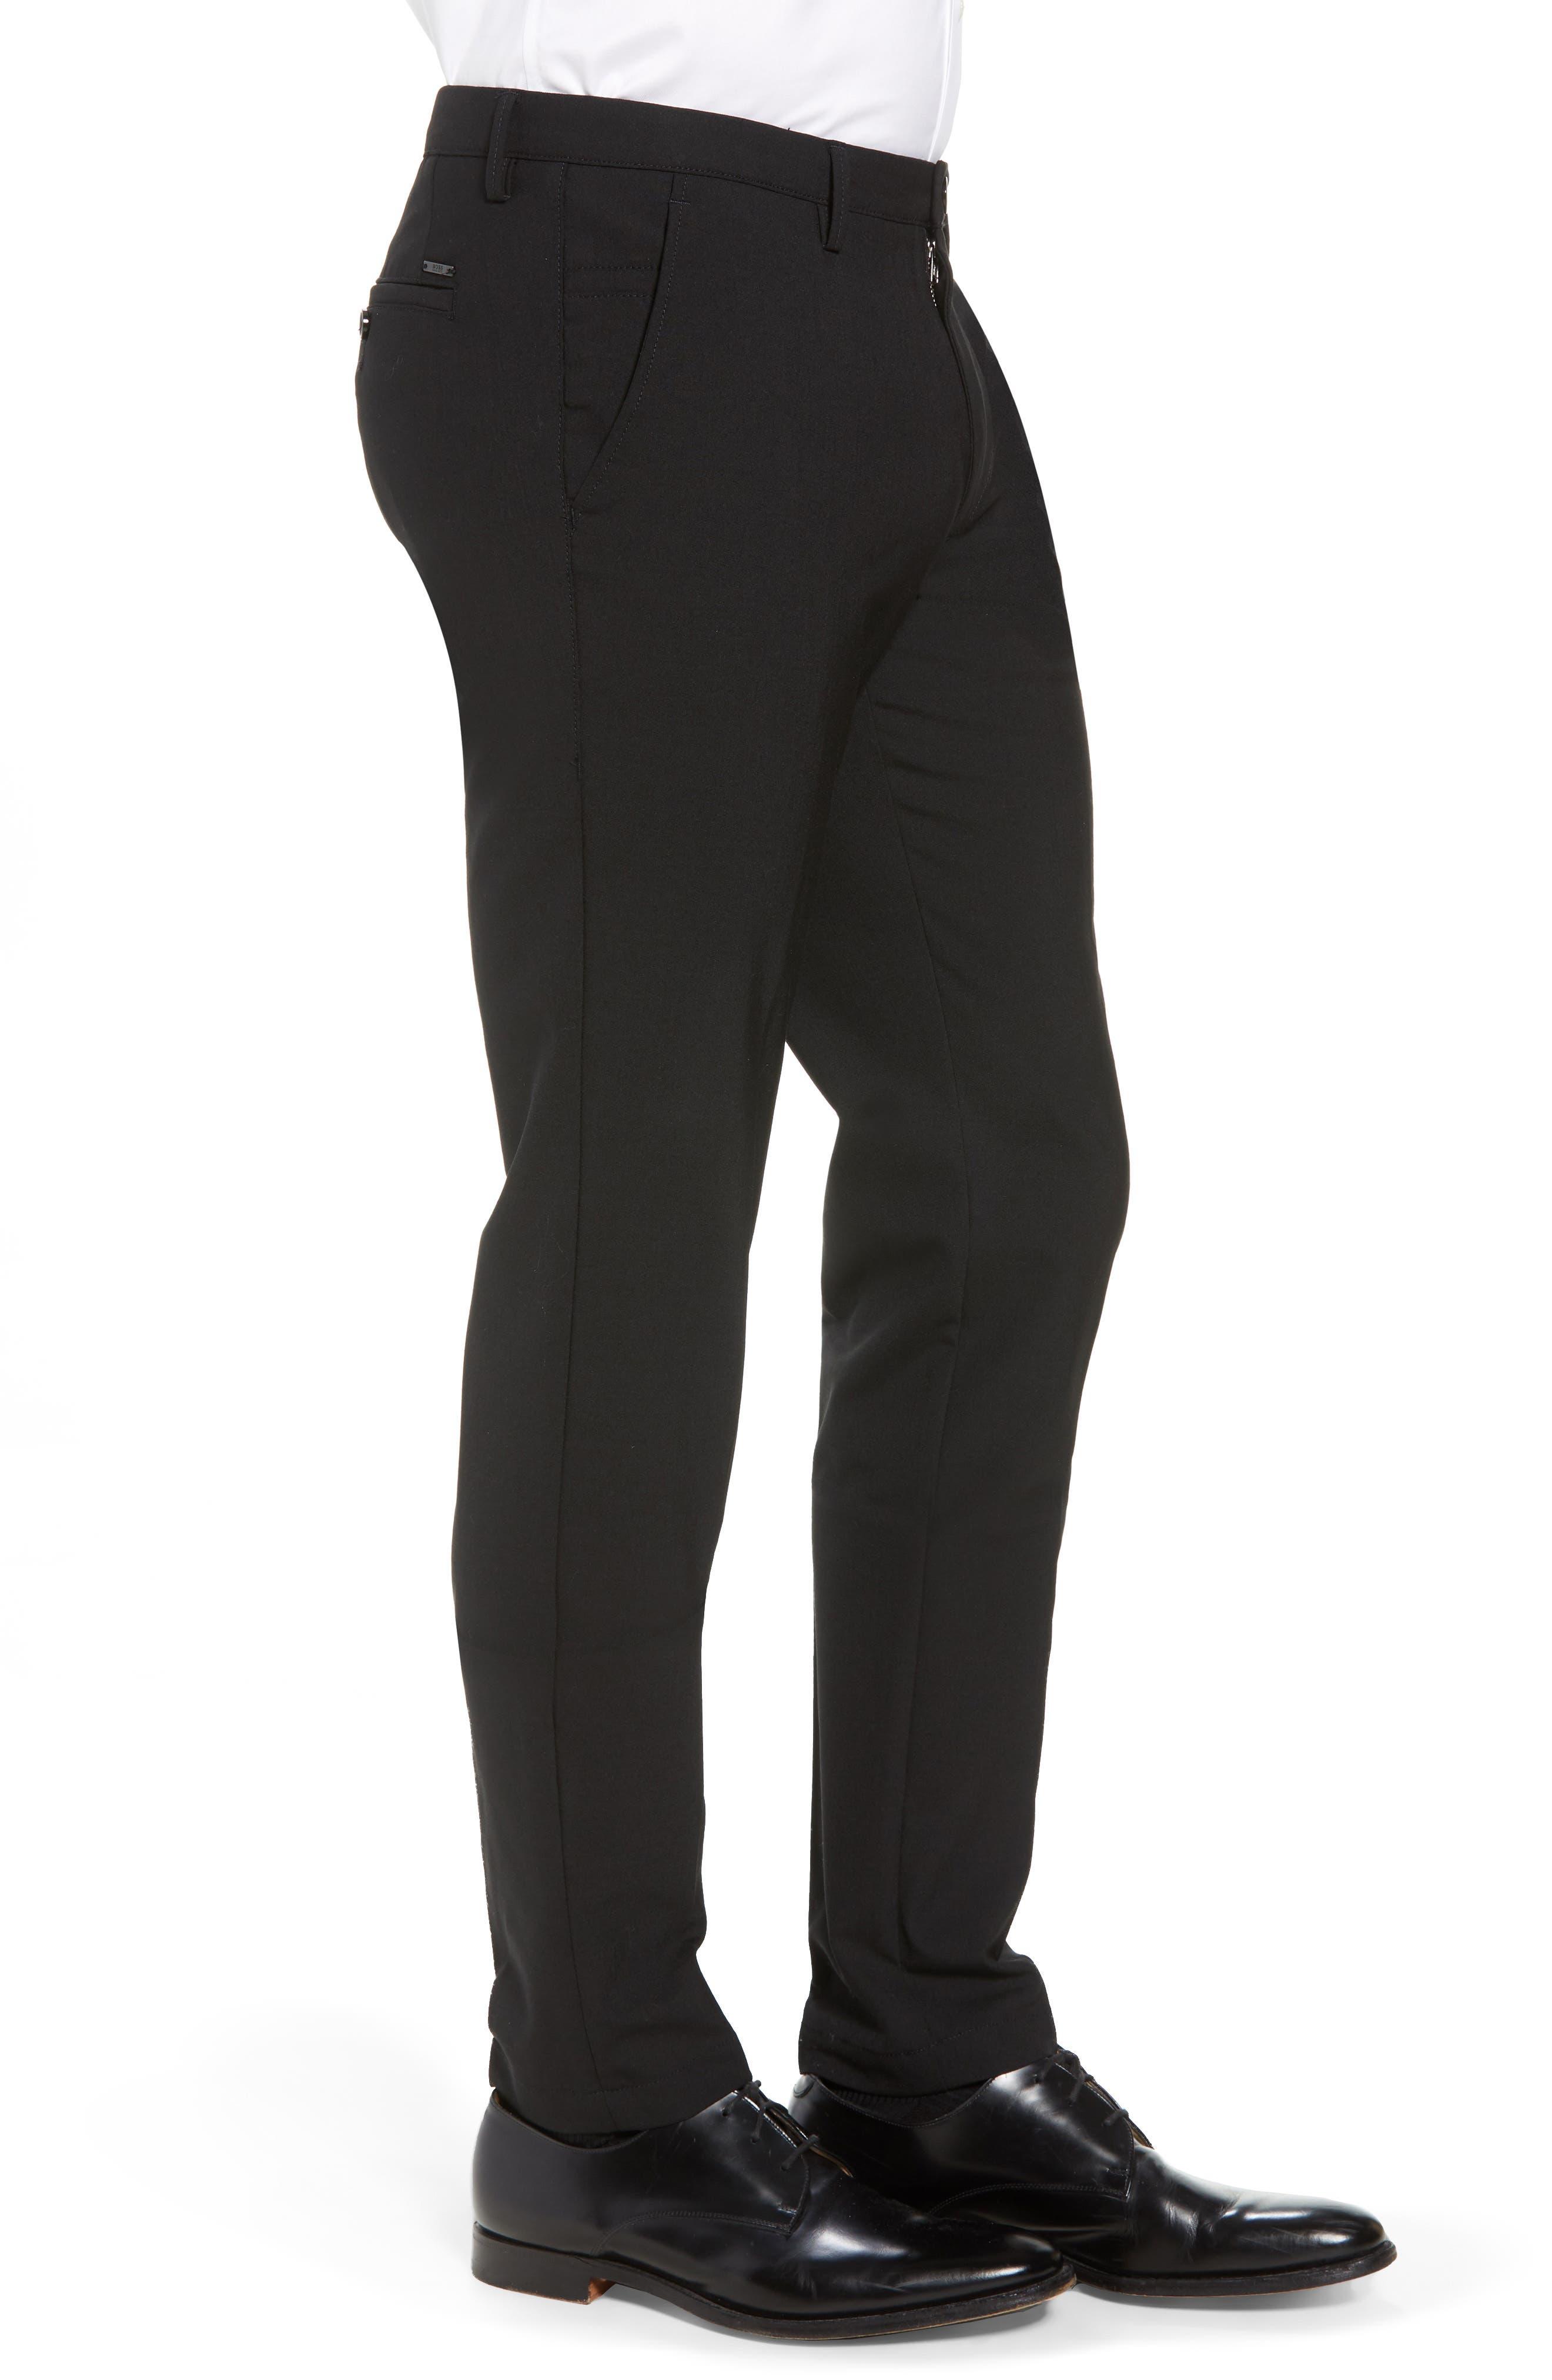 Kaito Slim Fit Trousers,                             Alternate thumbnail 4, color,                             Black